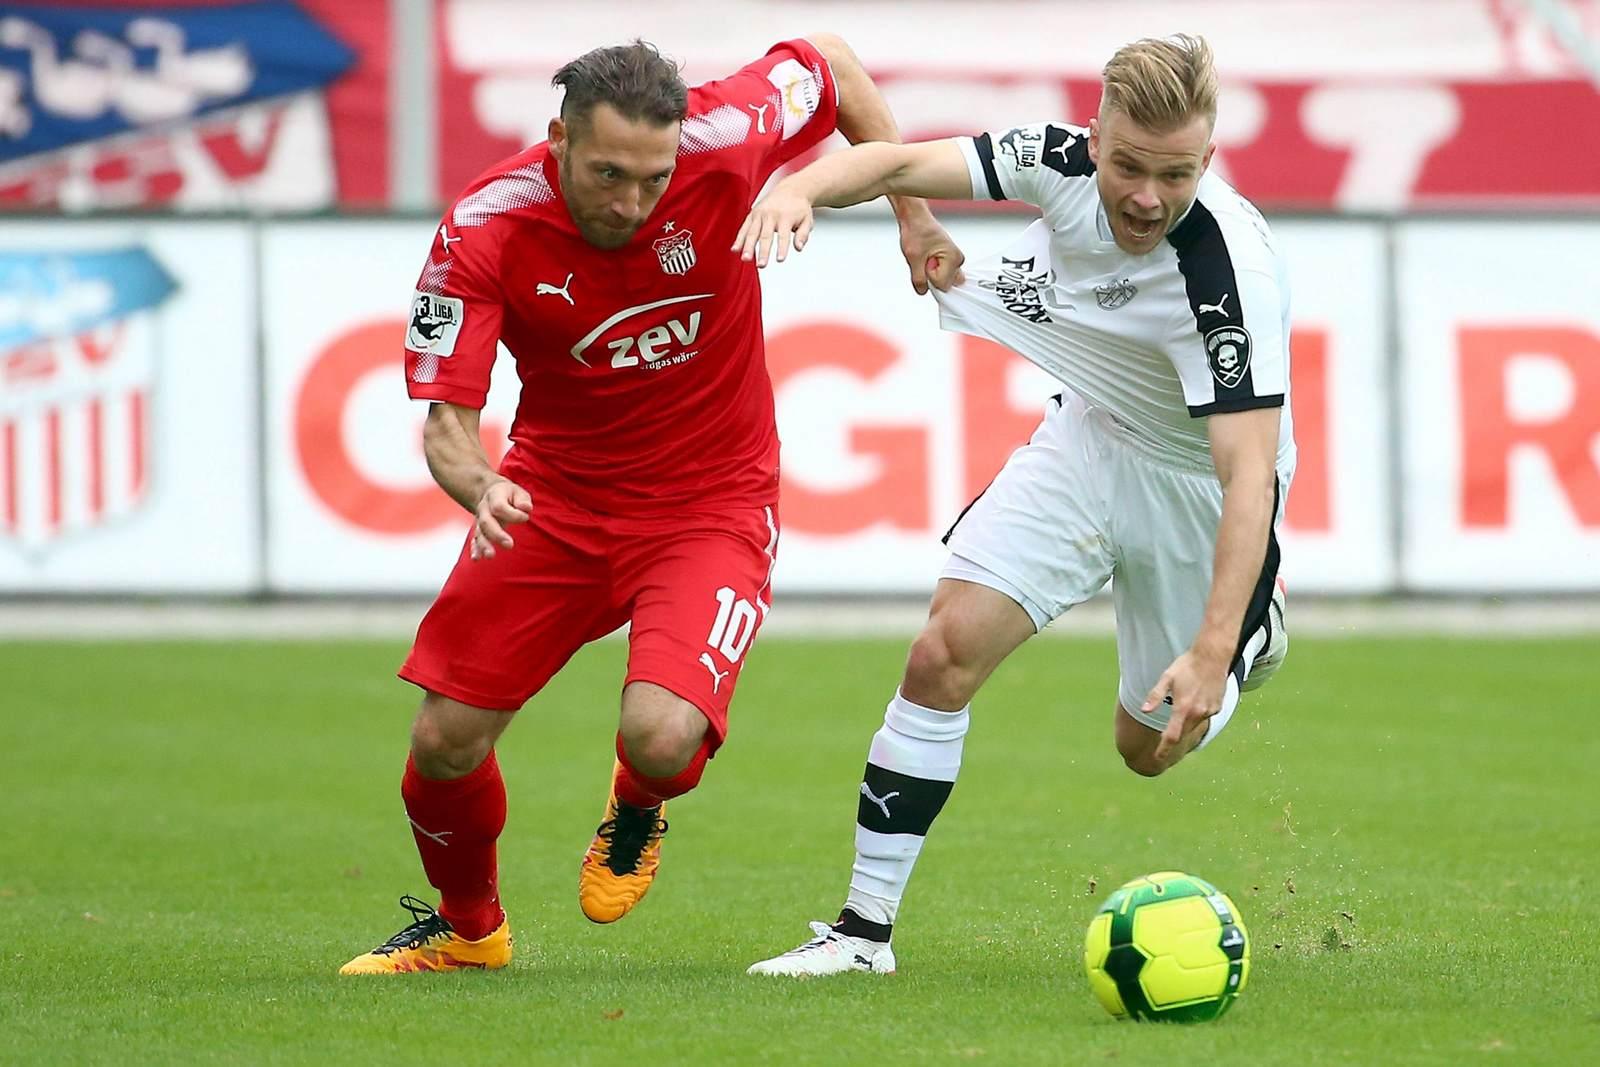 Aykut Öztürk gegen Guillaume Cros. Jetzt auf die Partie Jena gegen Zwickau wetten.